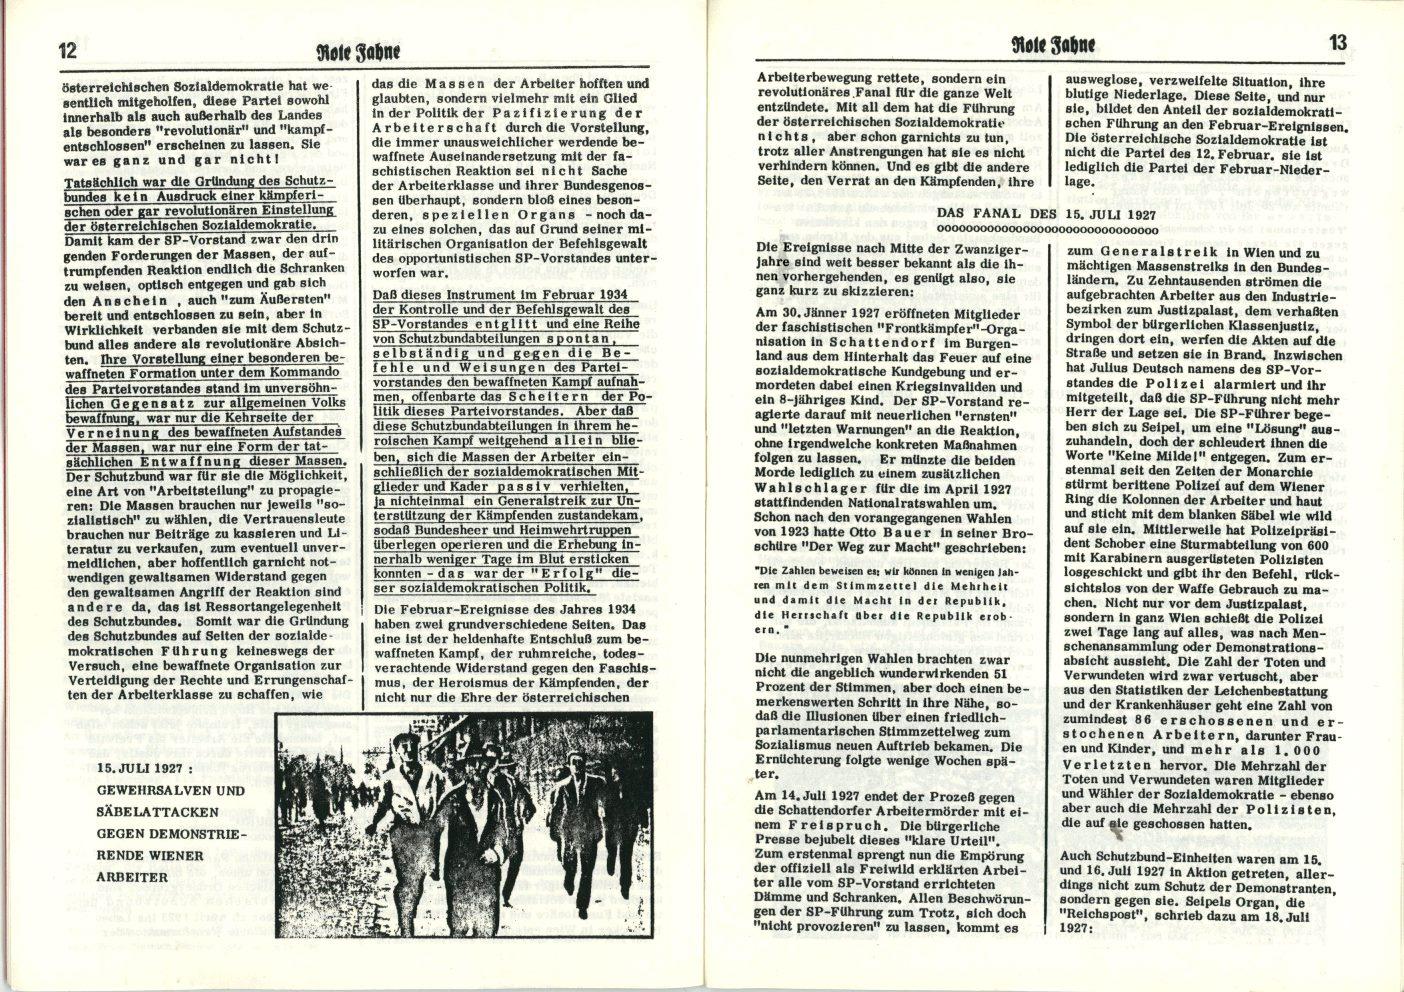 MLPOe_Lehren_des_12_Februar_1934_1984_07